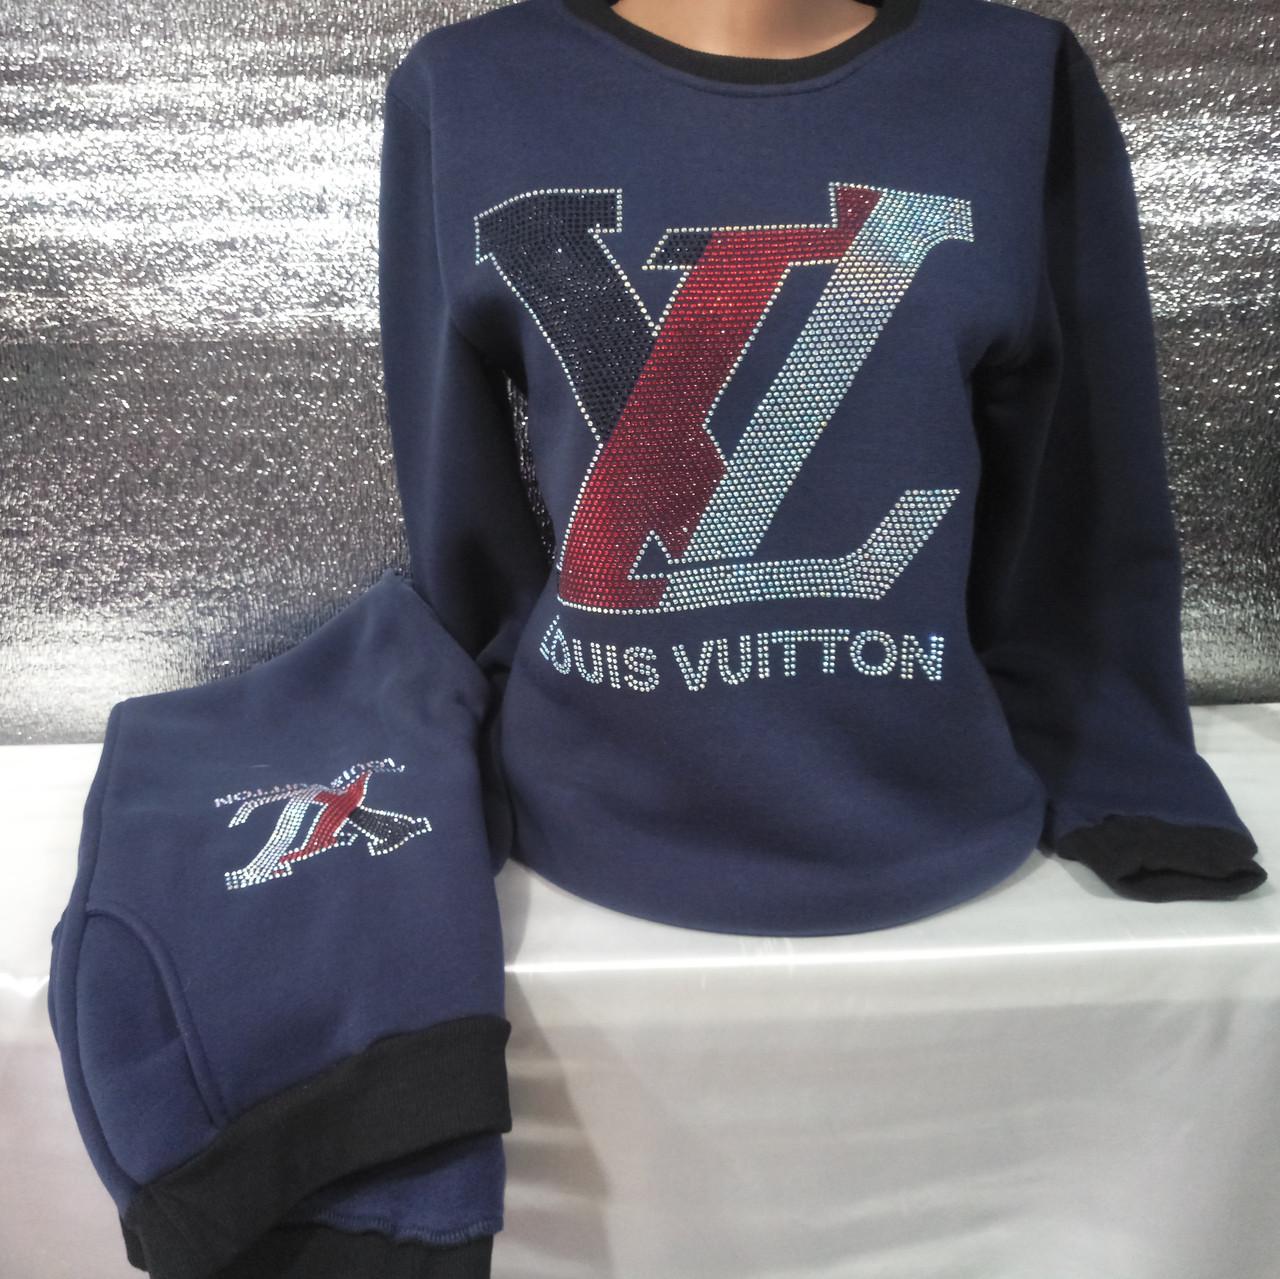 Спортивный костюм на флисе женский ПОЛУБАТАЛЬНЫЙ Louis Vuitton (XL 48-50) 7b92815754f